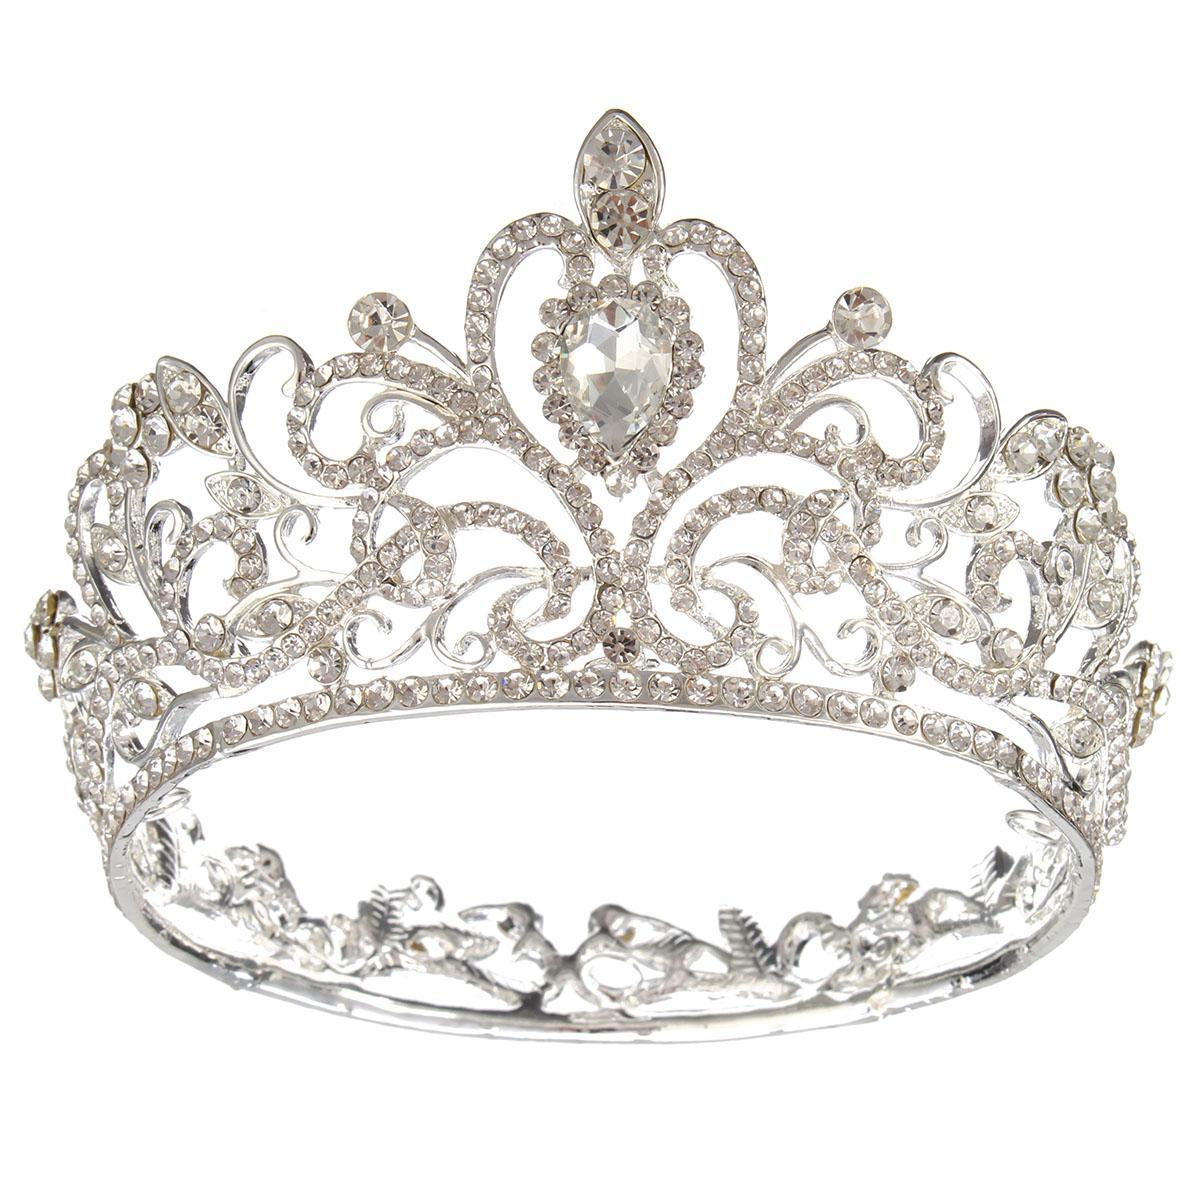 Crystal Rhinestone Queen Crown Tiara Wedding Pageant Bridal Diamante Headpiece Silver - intl